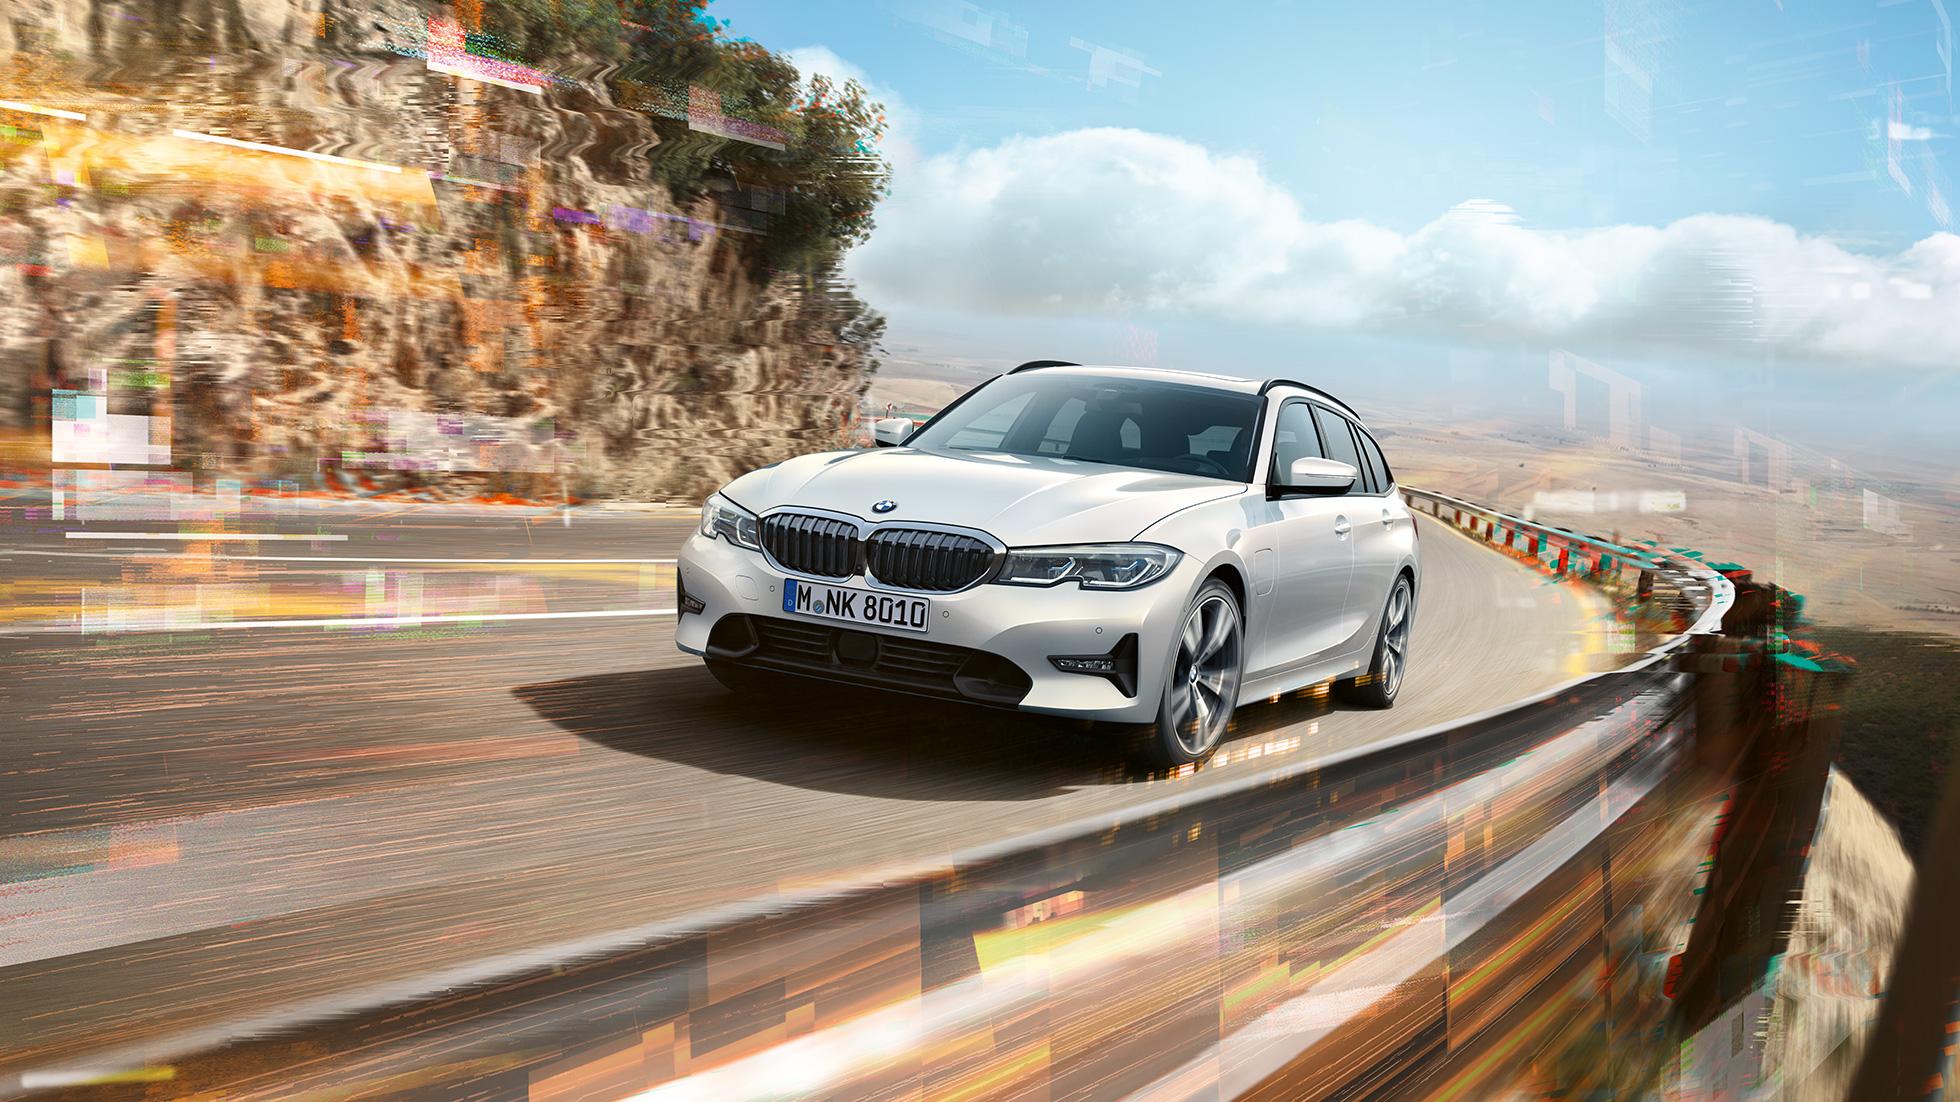 BMW Série 3 Touring, BMW 330e Plug-in Hybrid roulant sur un pont